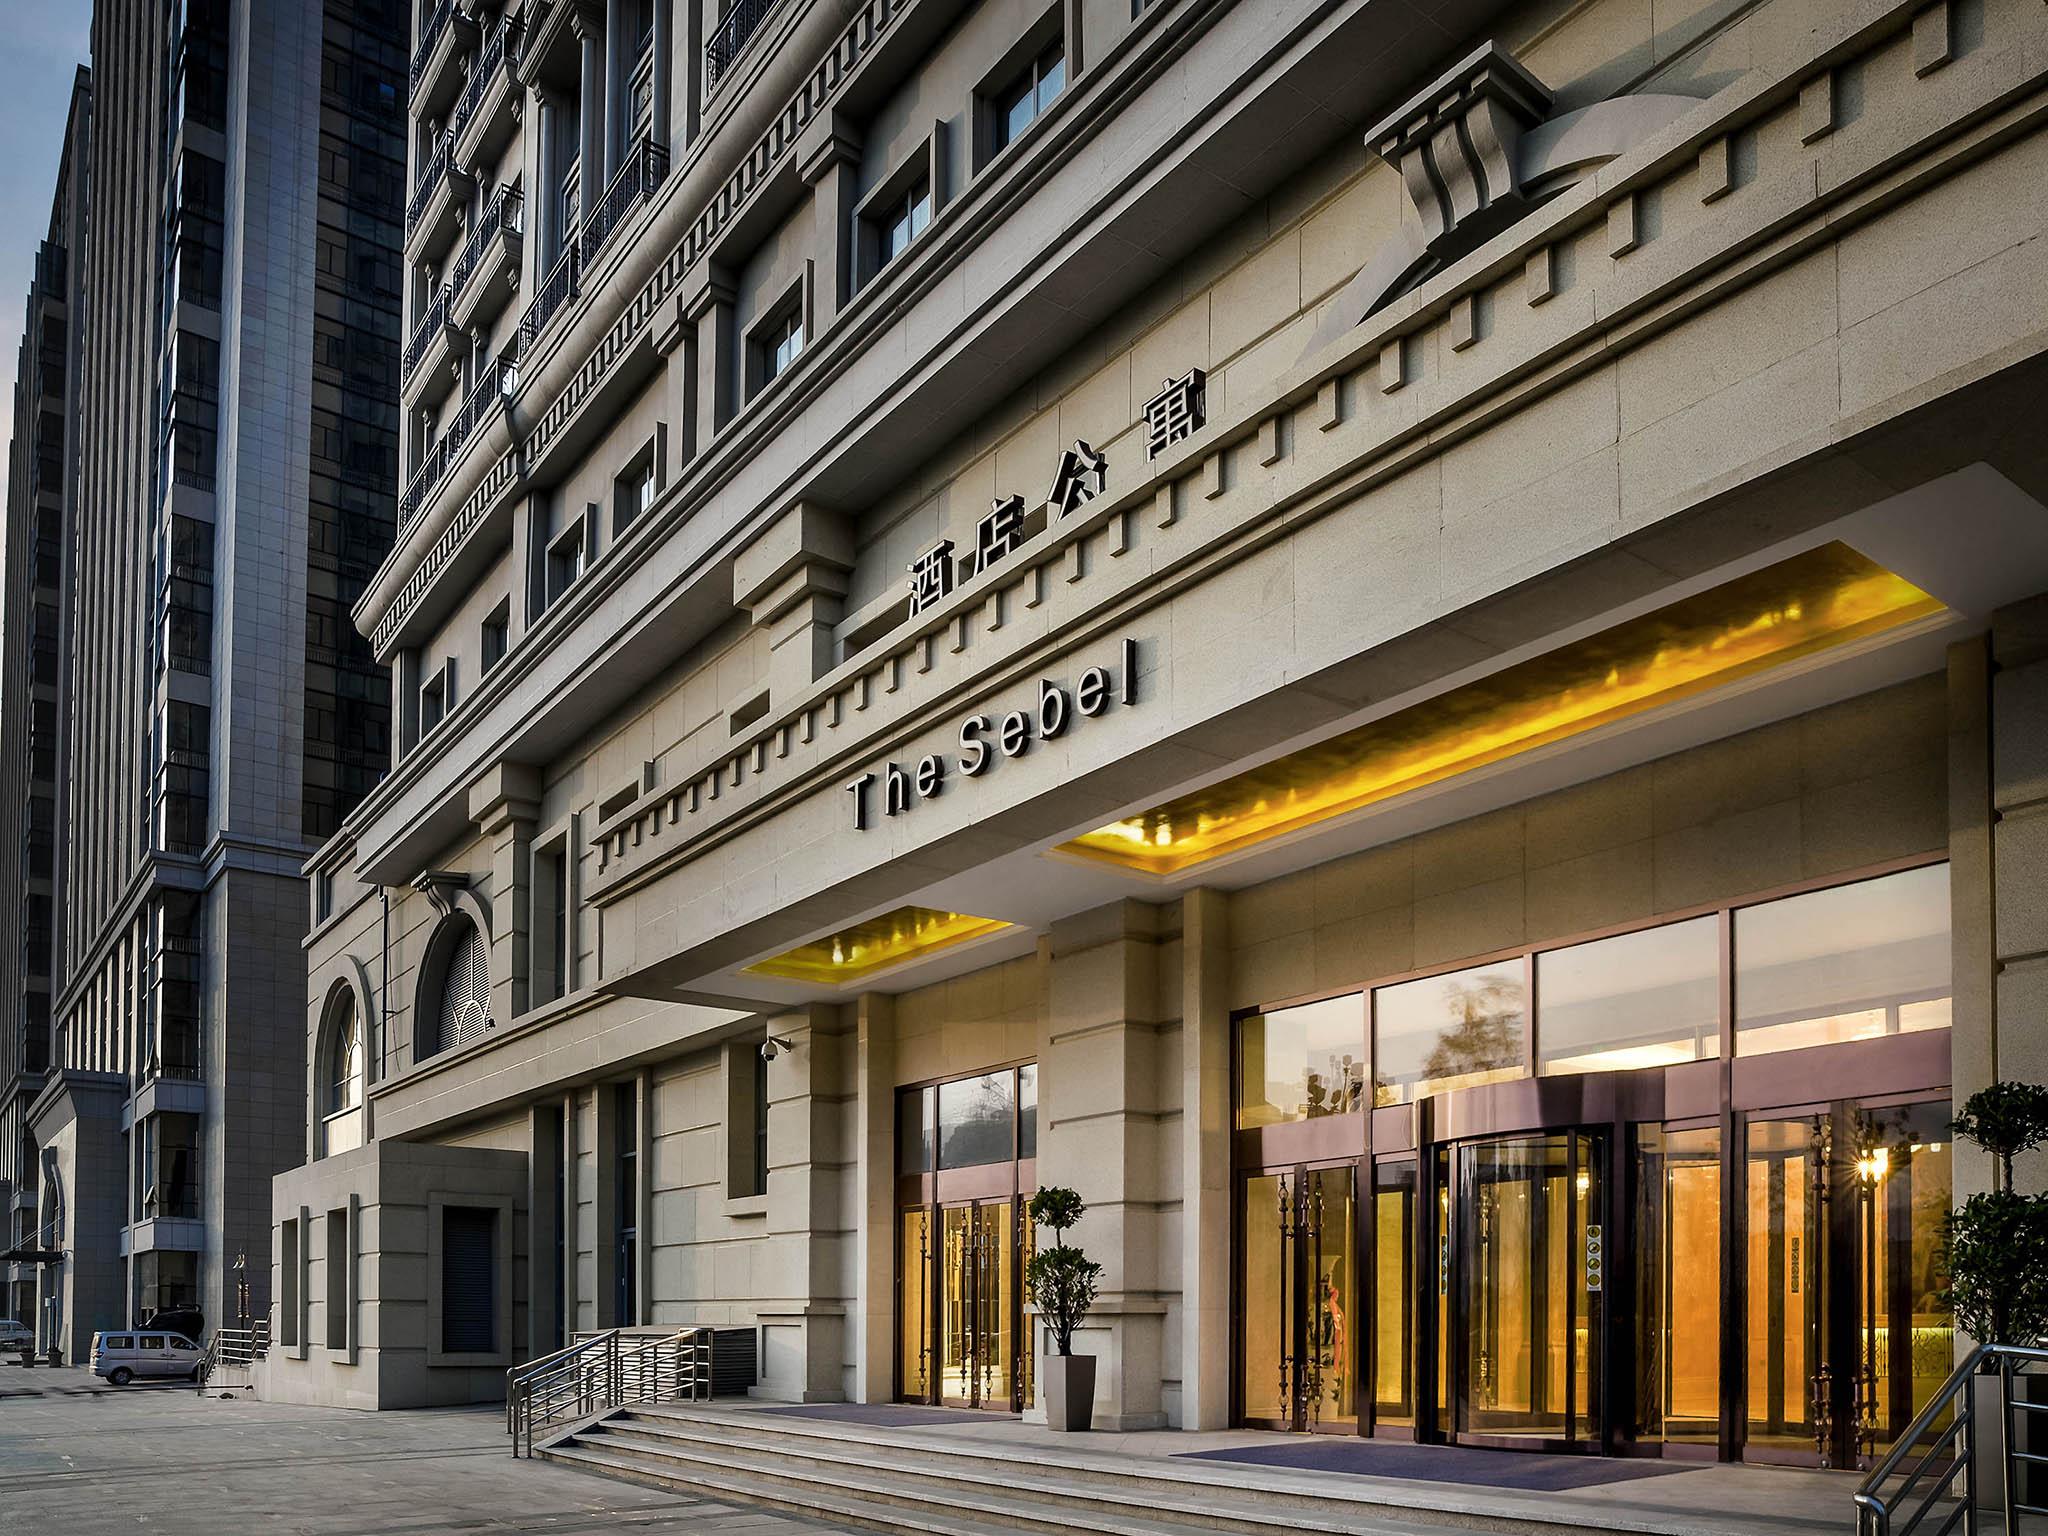 Hotel - The Sebel Xi Ning